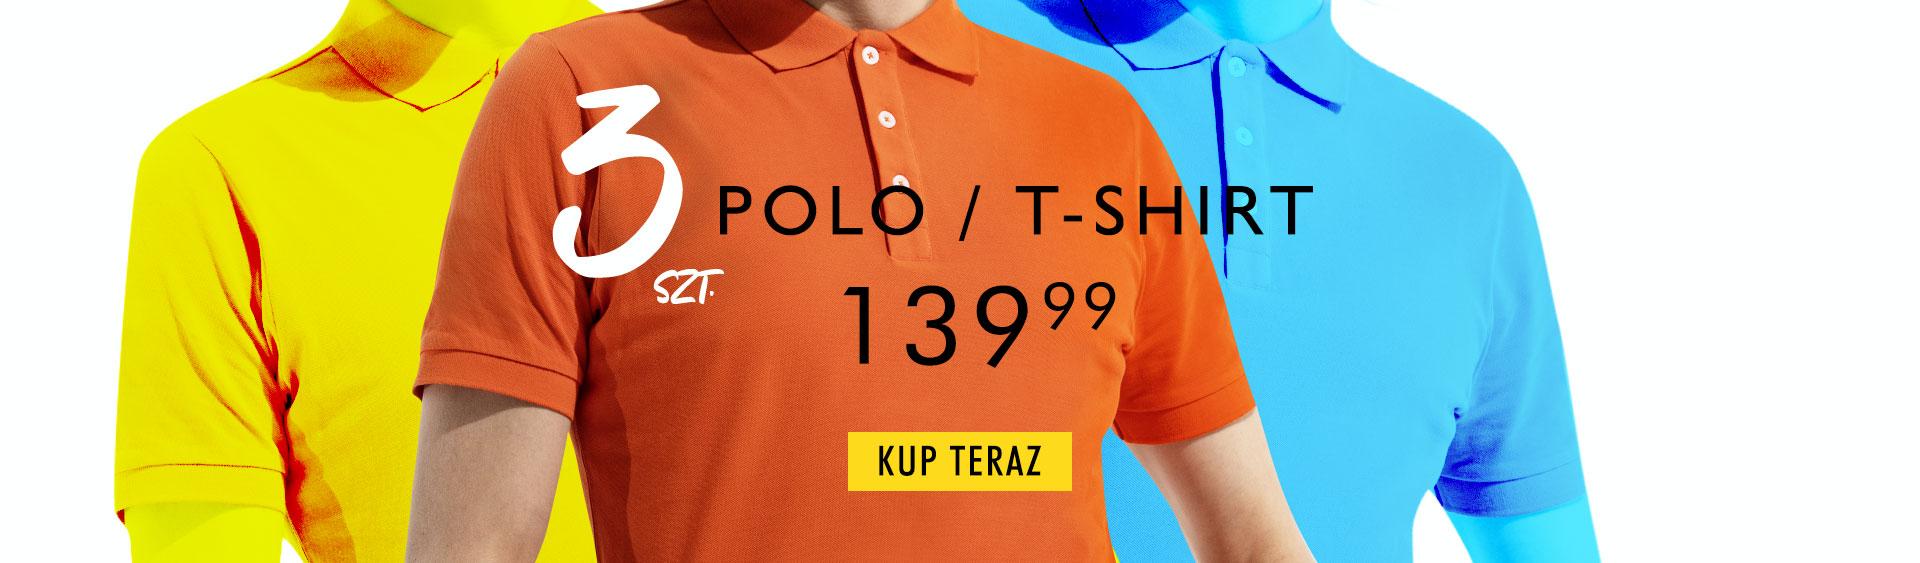 Kubenz Kubenz: 3 szt. koszulek polo lub t-shirtów za 139,99 zł